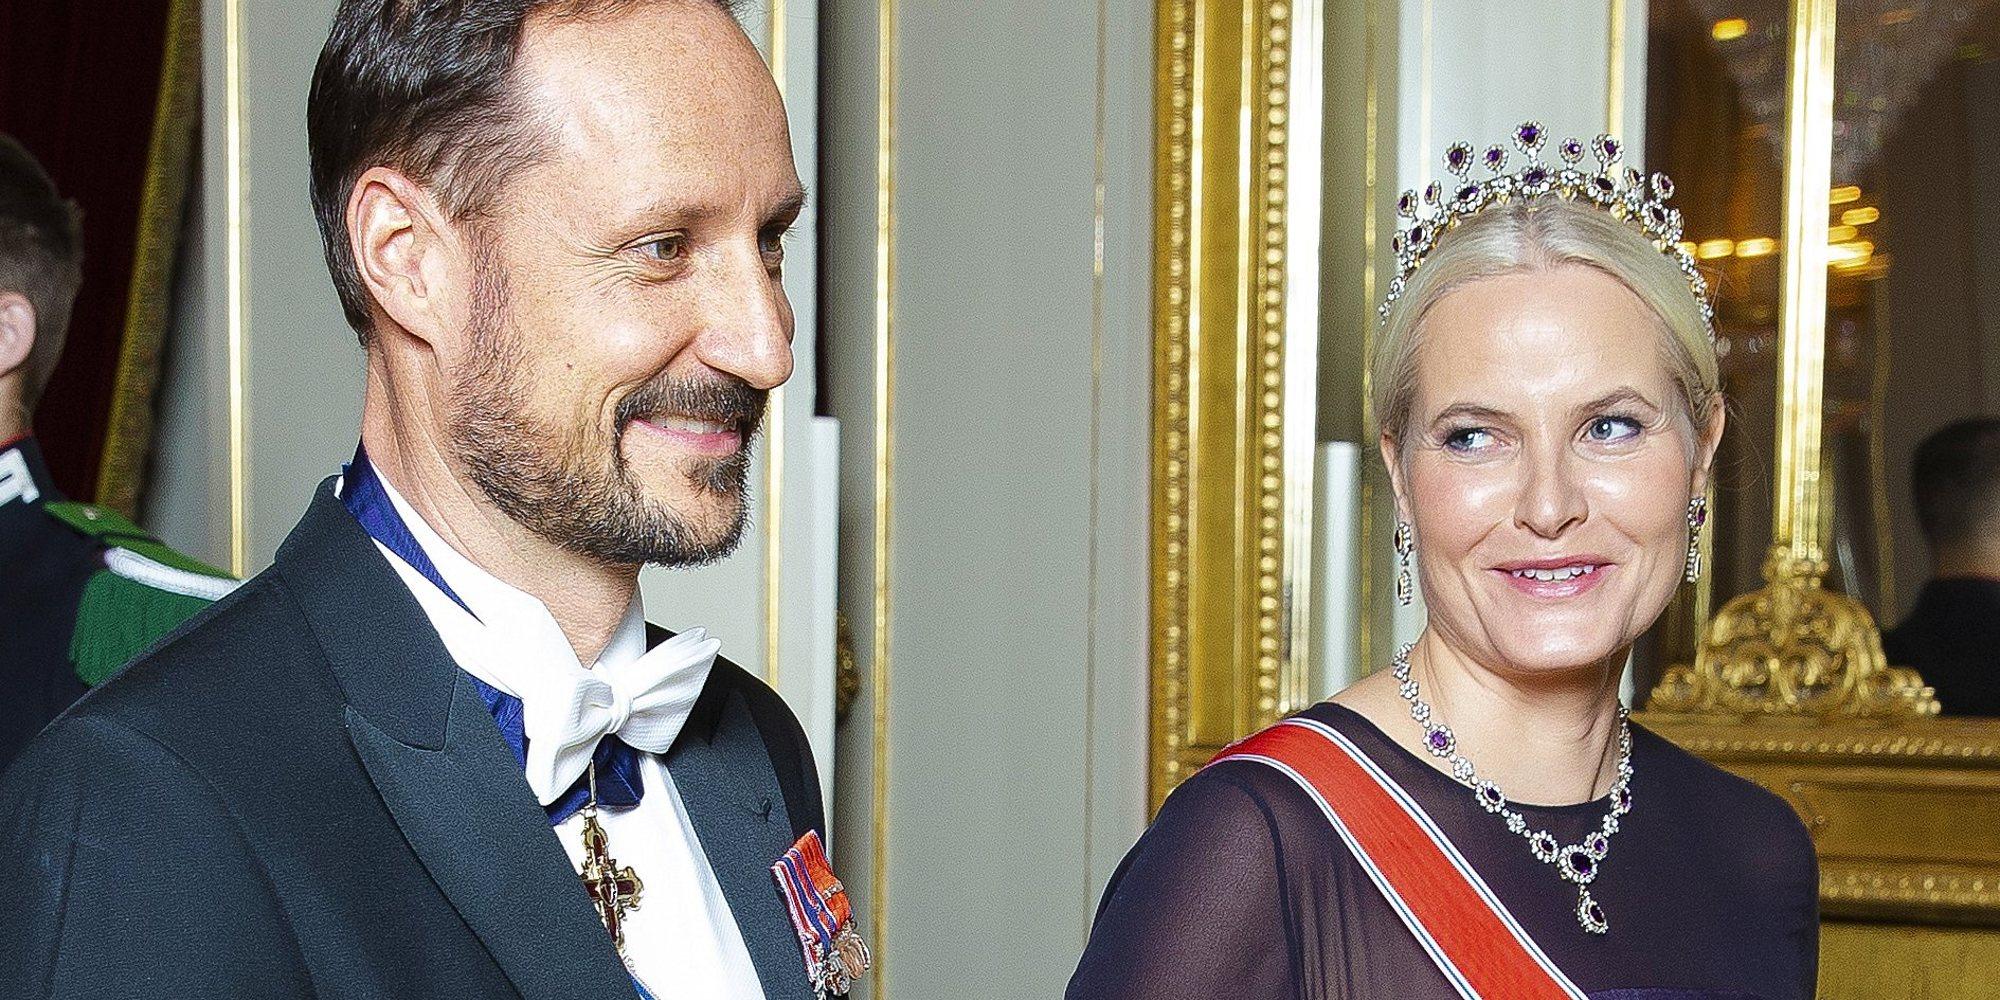 El guiño de la Princesa Mette Marit a Gwyneth Paltrow con su disfraz de Halloween